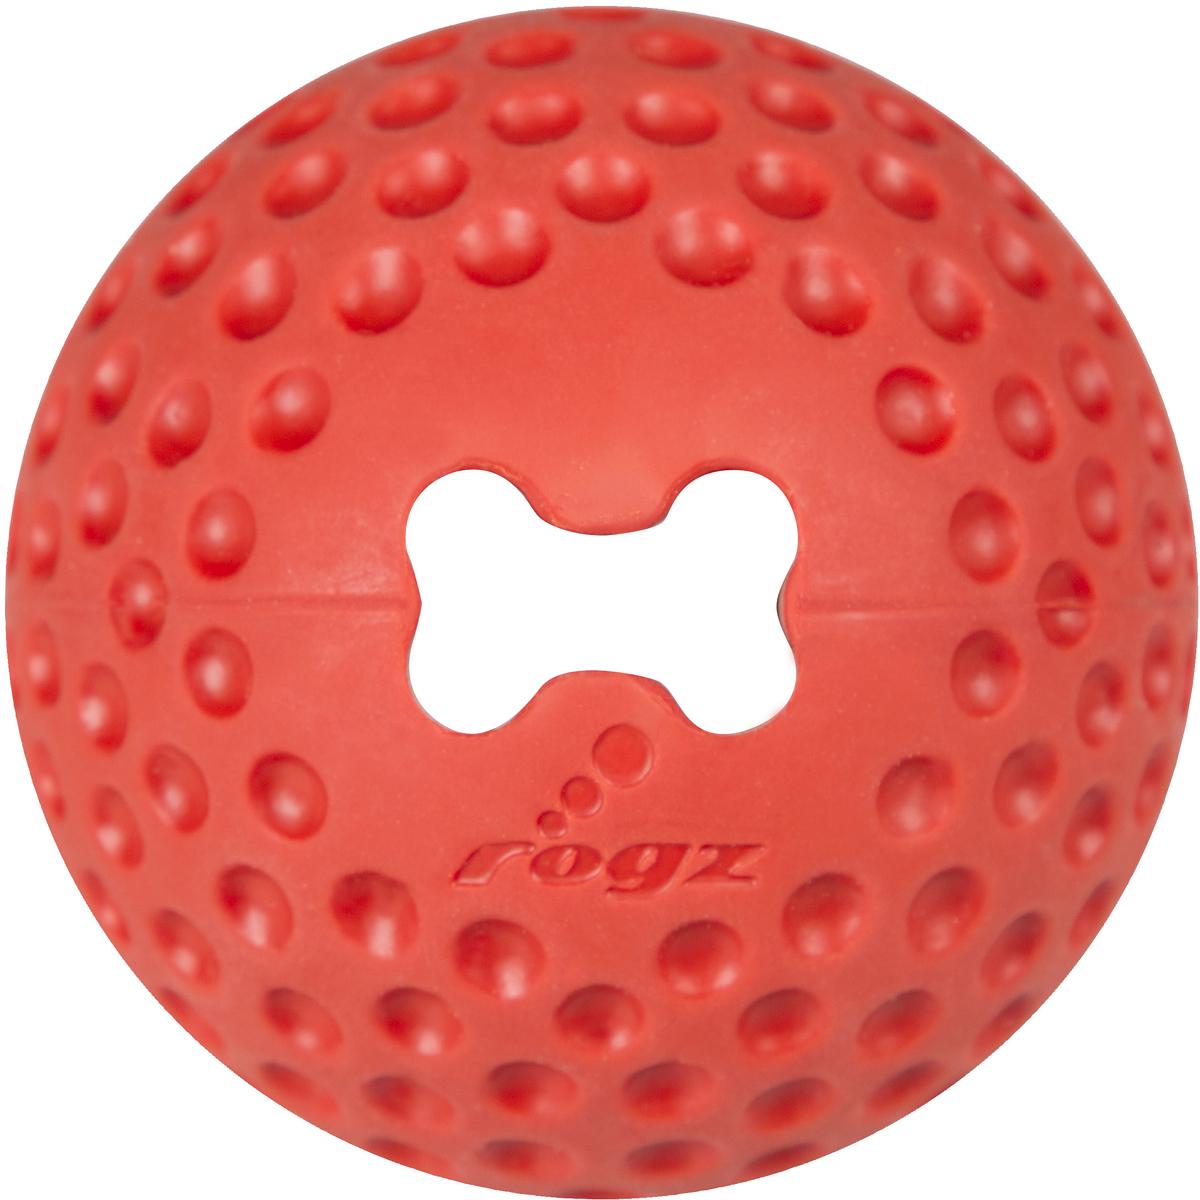 Игрушка для собак Rogz Gumz, с отверстием для лакомства, цвет: красный, диаметр 4,9 см75354Игрушка для собак Rogz Gumz тренирует жевательные мышцы и массирует десны собаке. Отлично подходит для дрессировки, так как есть отверстие для лакомства.Отлично подпрыгивает при играх.Занимательная игрушка выдерживает долгое жевание и разгрызание. Материал изделия: 85 % натуральной резины, 15 % синтетической резины. Не токсичен.